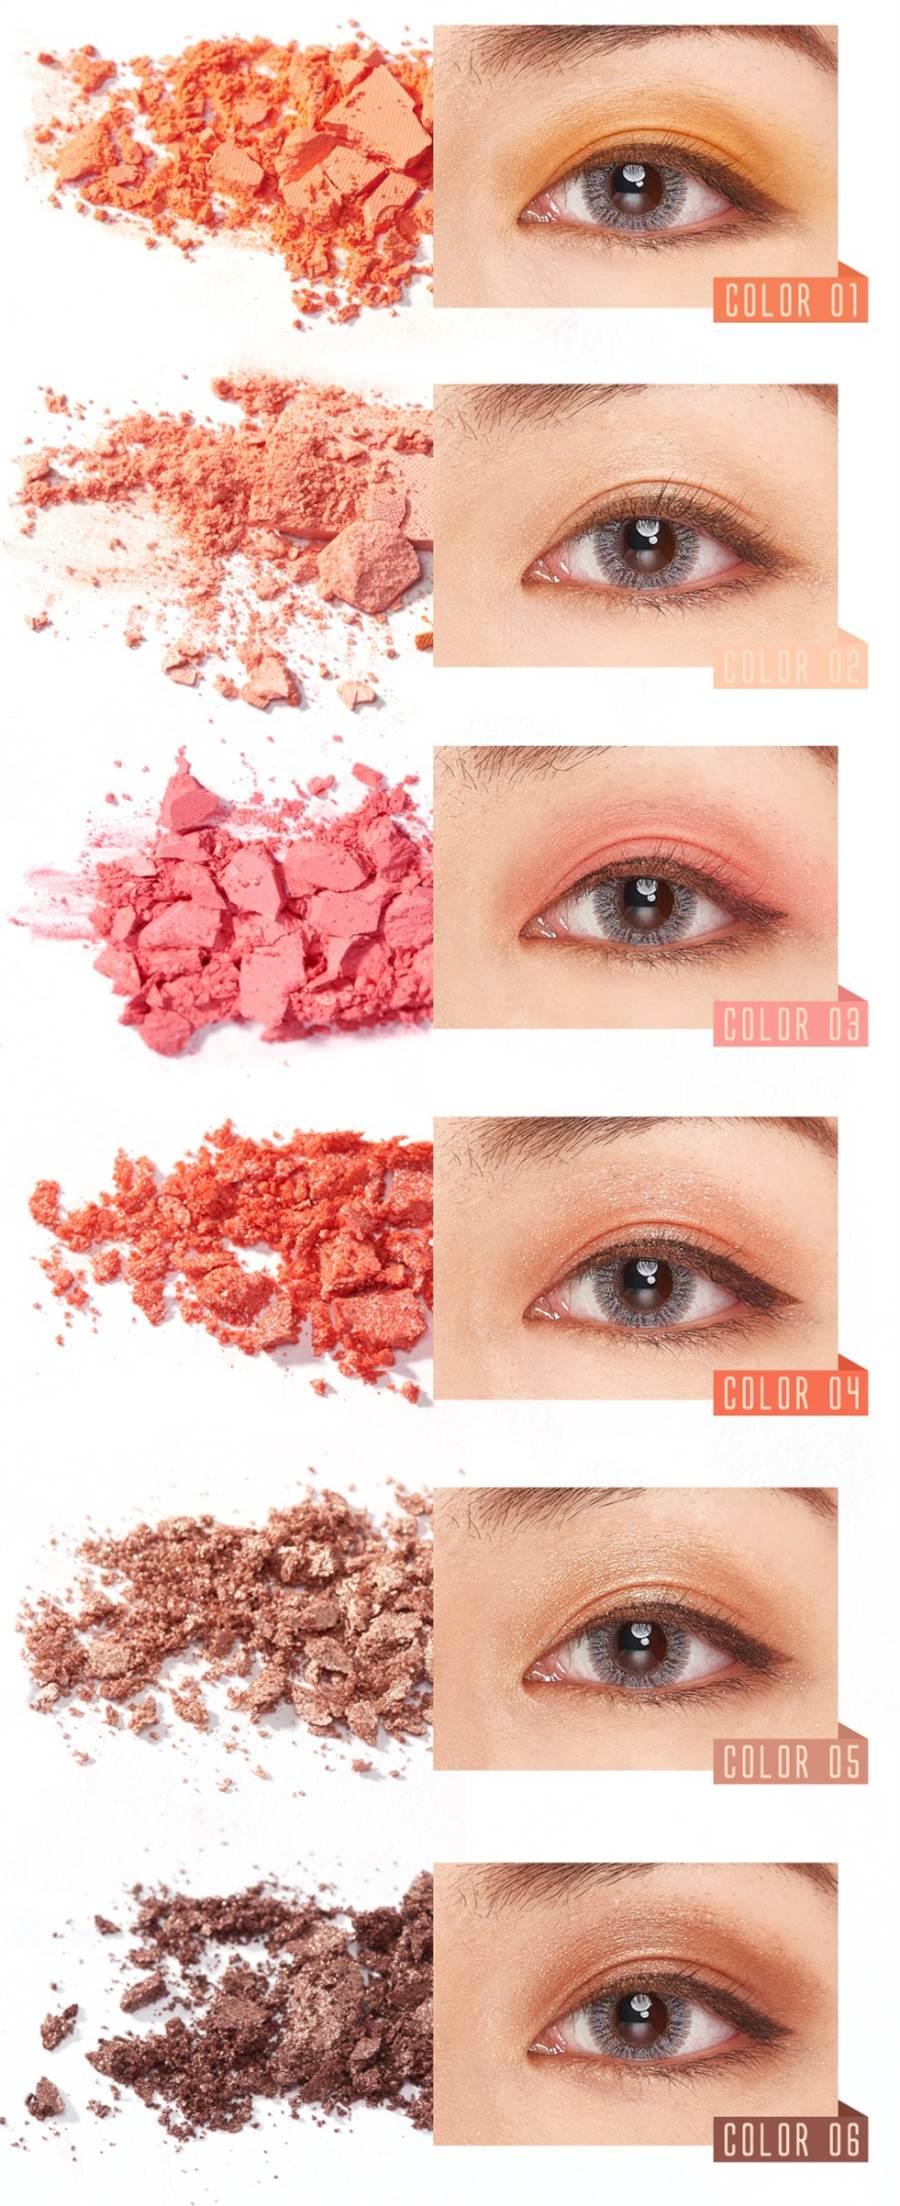 01:眼窩底色;02:提亮色;03:眼窩底色;04:無色感的光感色,可做下眼影的提亮;05:輪廓色;06:可當眼線用,或是加強眼頭、眼尾處,也可加強於睫毛根部。(圖/品牌提供)